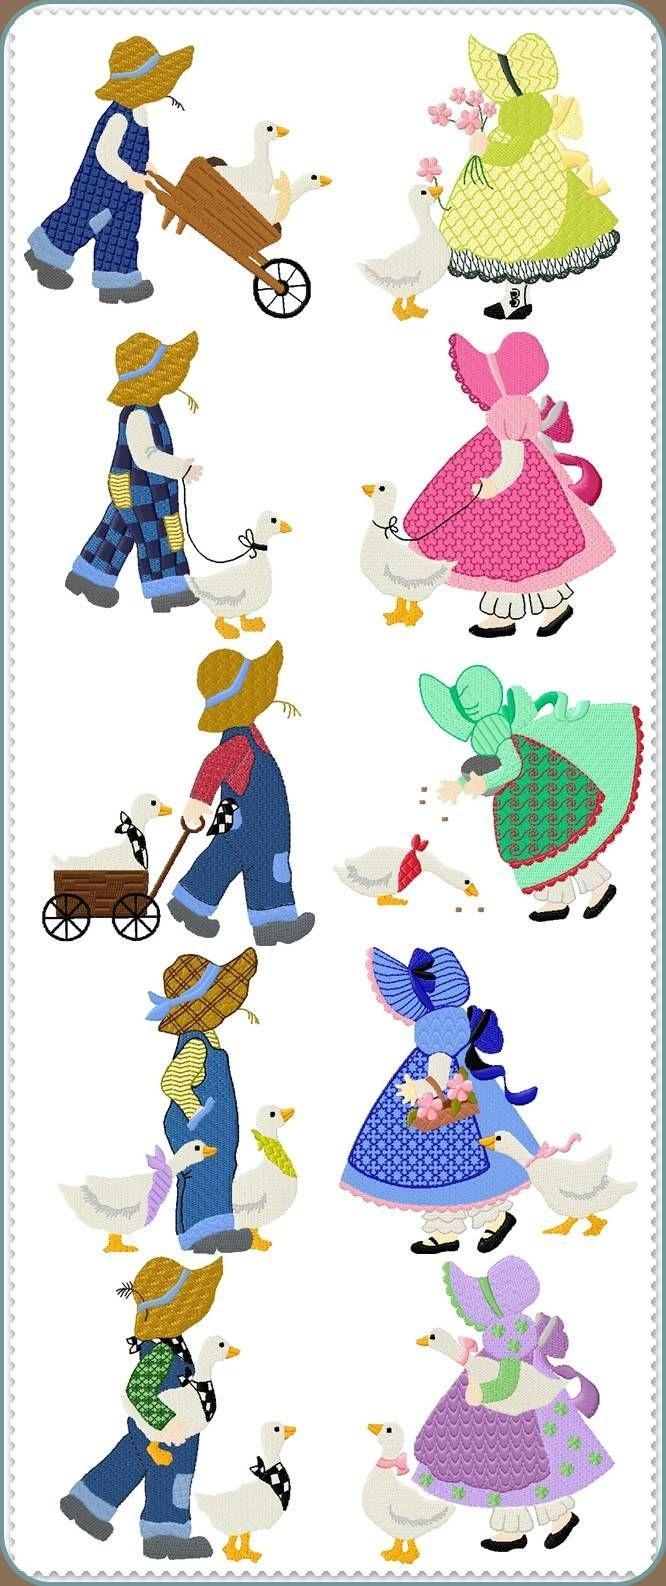 Sunbonnet Sue Printable Pattern   Sunbonnet Sue Quilt Blocks And - Free Printable Dutch Girl Quilt Pattern